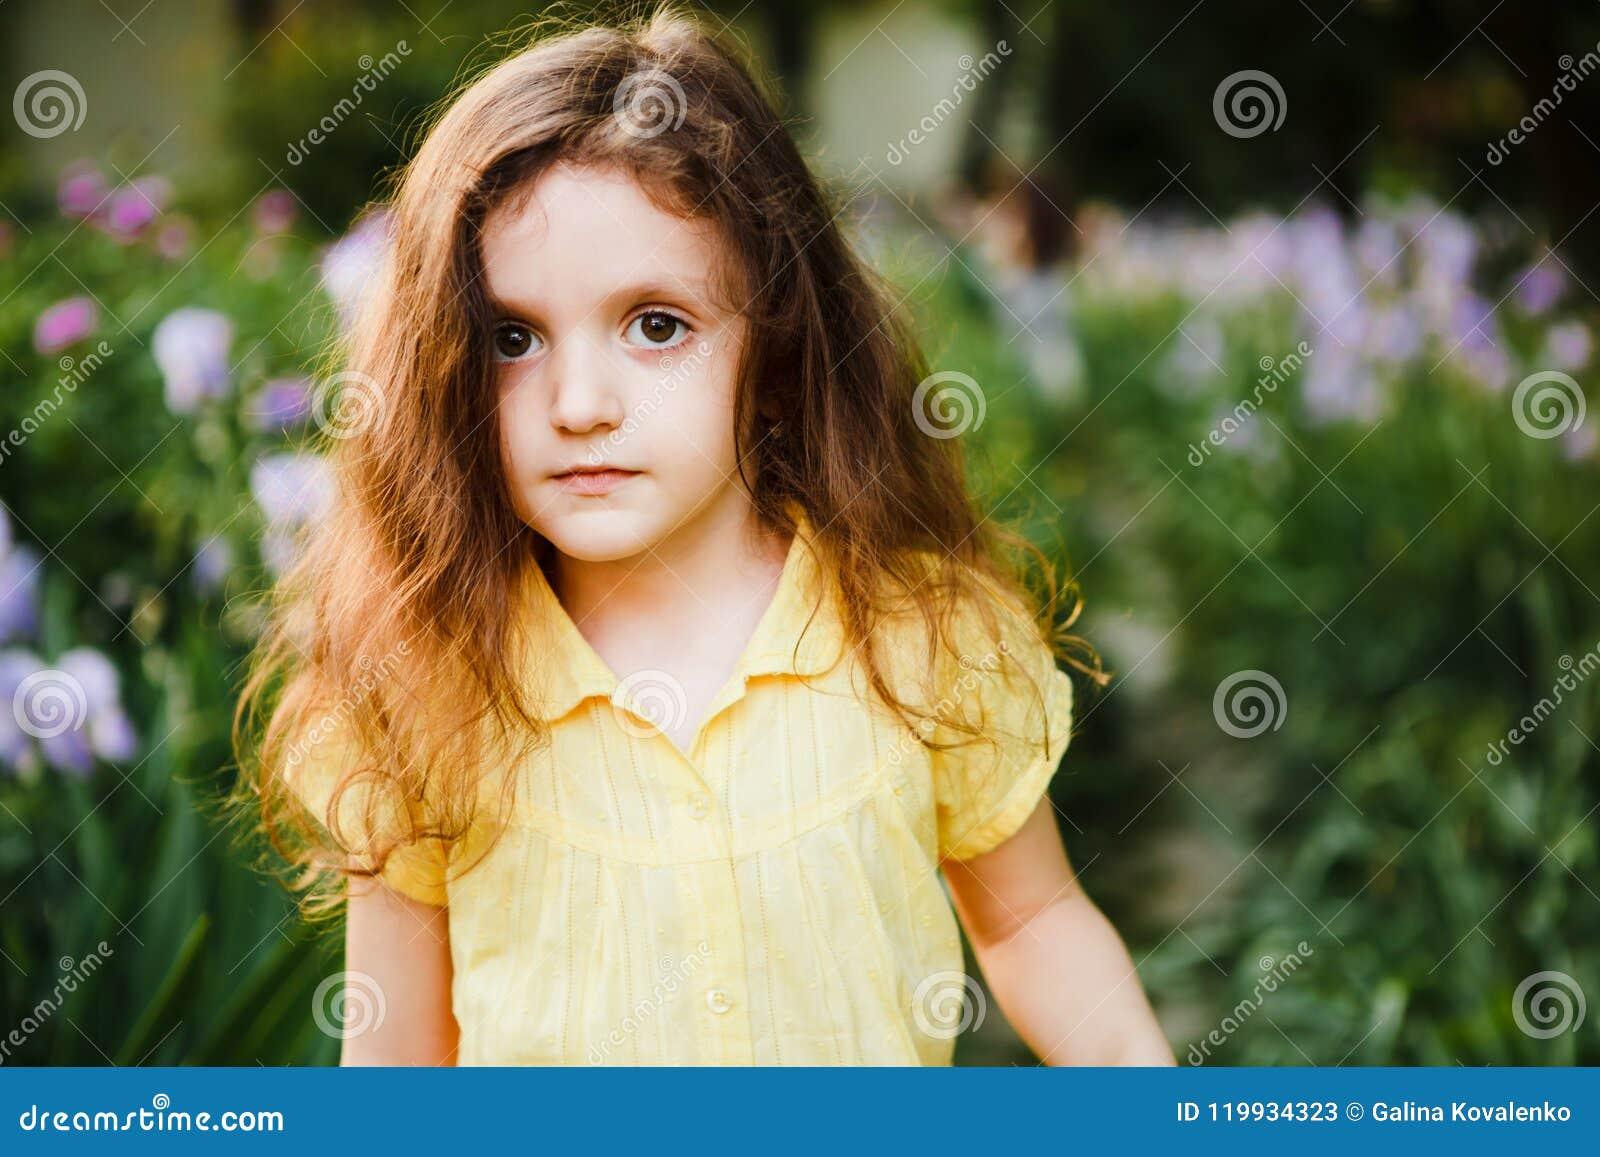 Curly light skinned girl